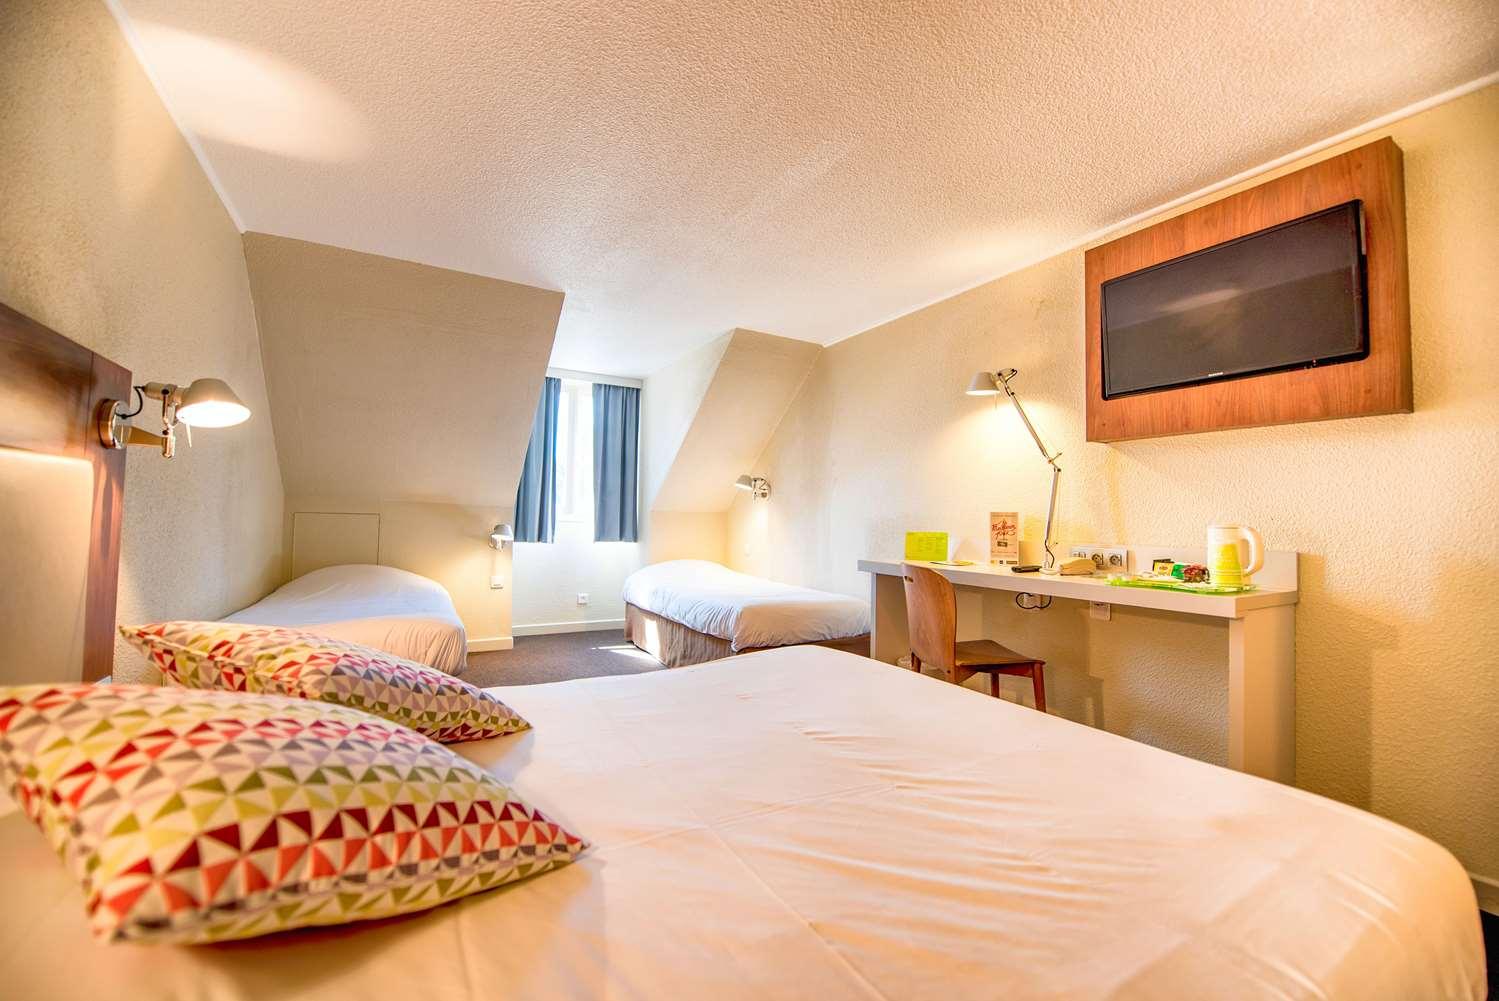 HOTEL CAMPANILE DEAUVILLE - Saint Arnoult